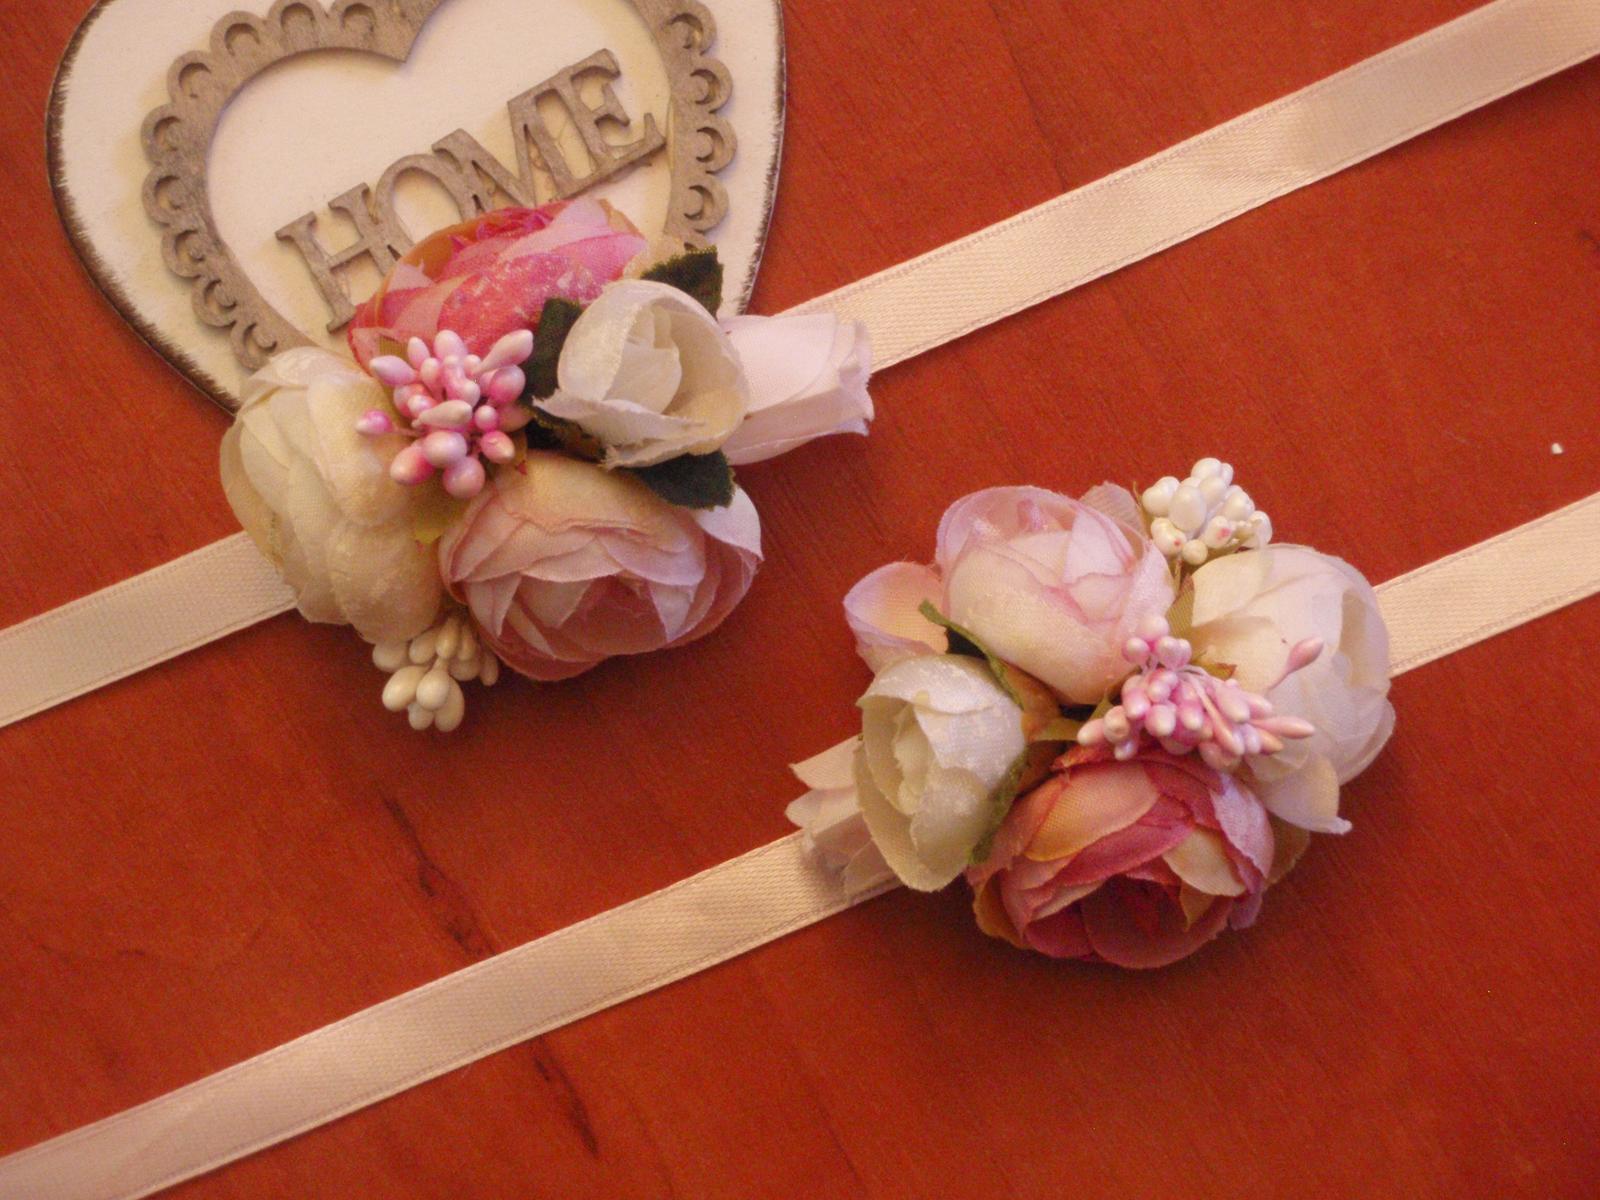 177.Kvetinové náramky pink, ivory a cyklamen - Obrázok č. 1